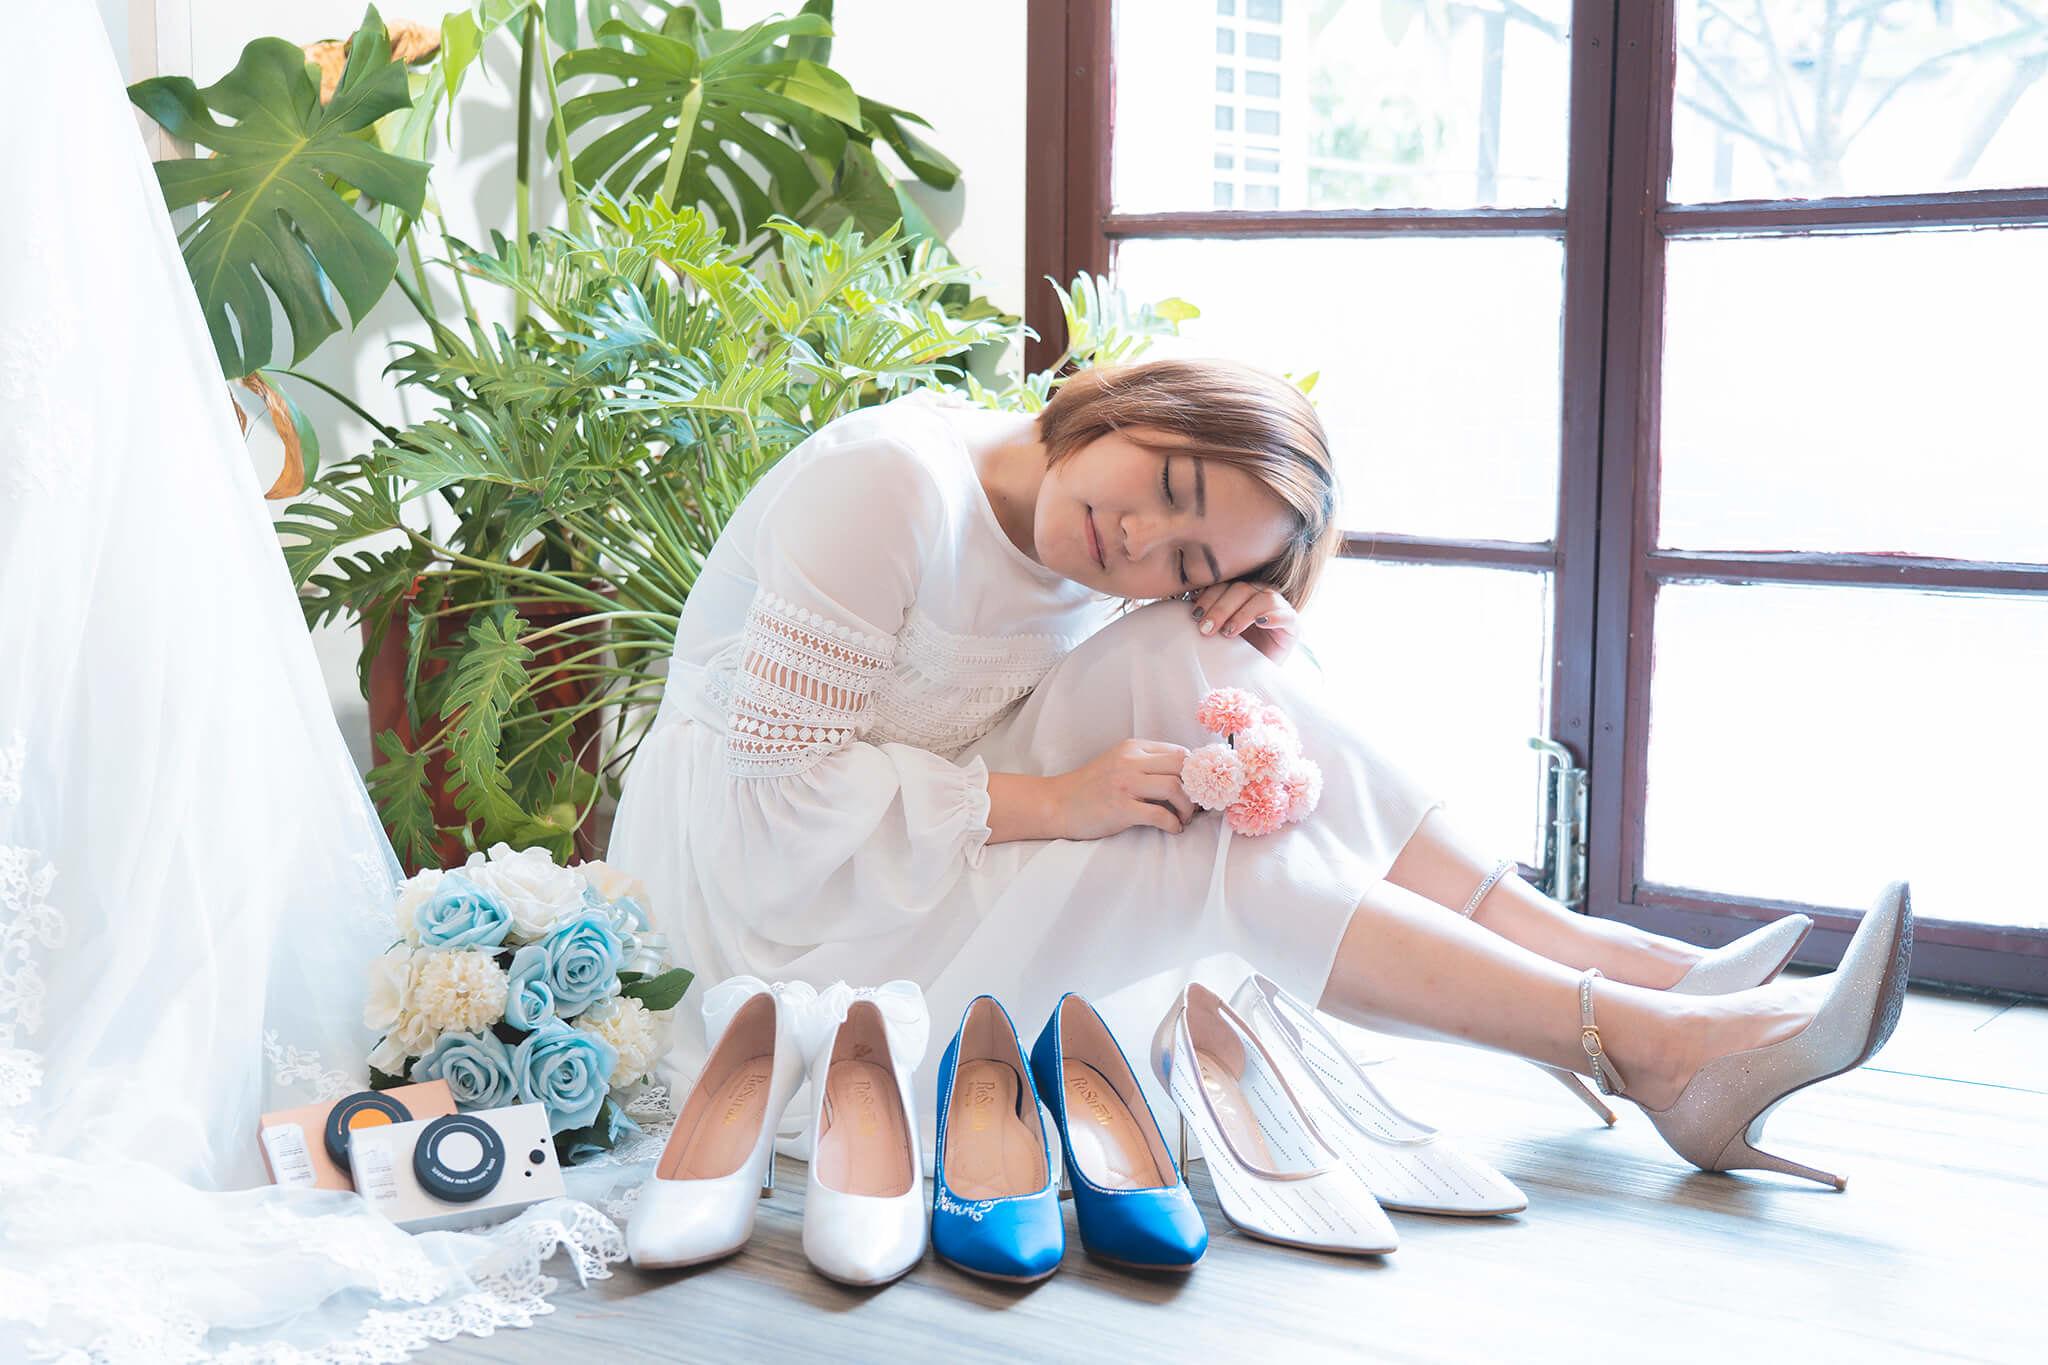 專屬婚紗鞋 婚鞋推薦 訂製婚鞋 ReSarah 時尚手作婚紗鞋